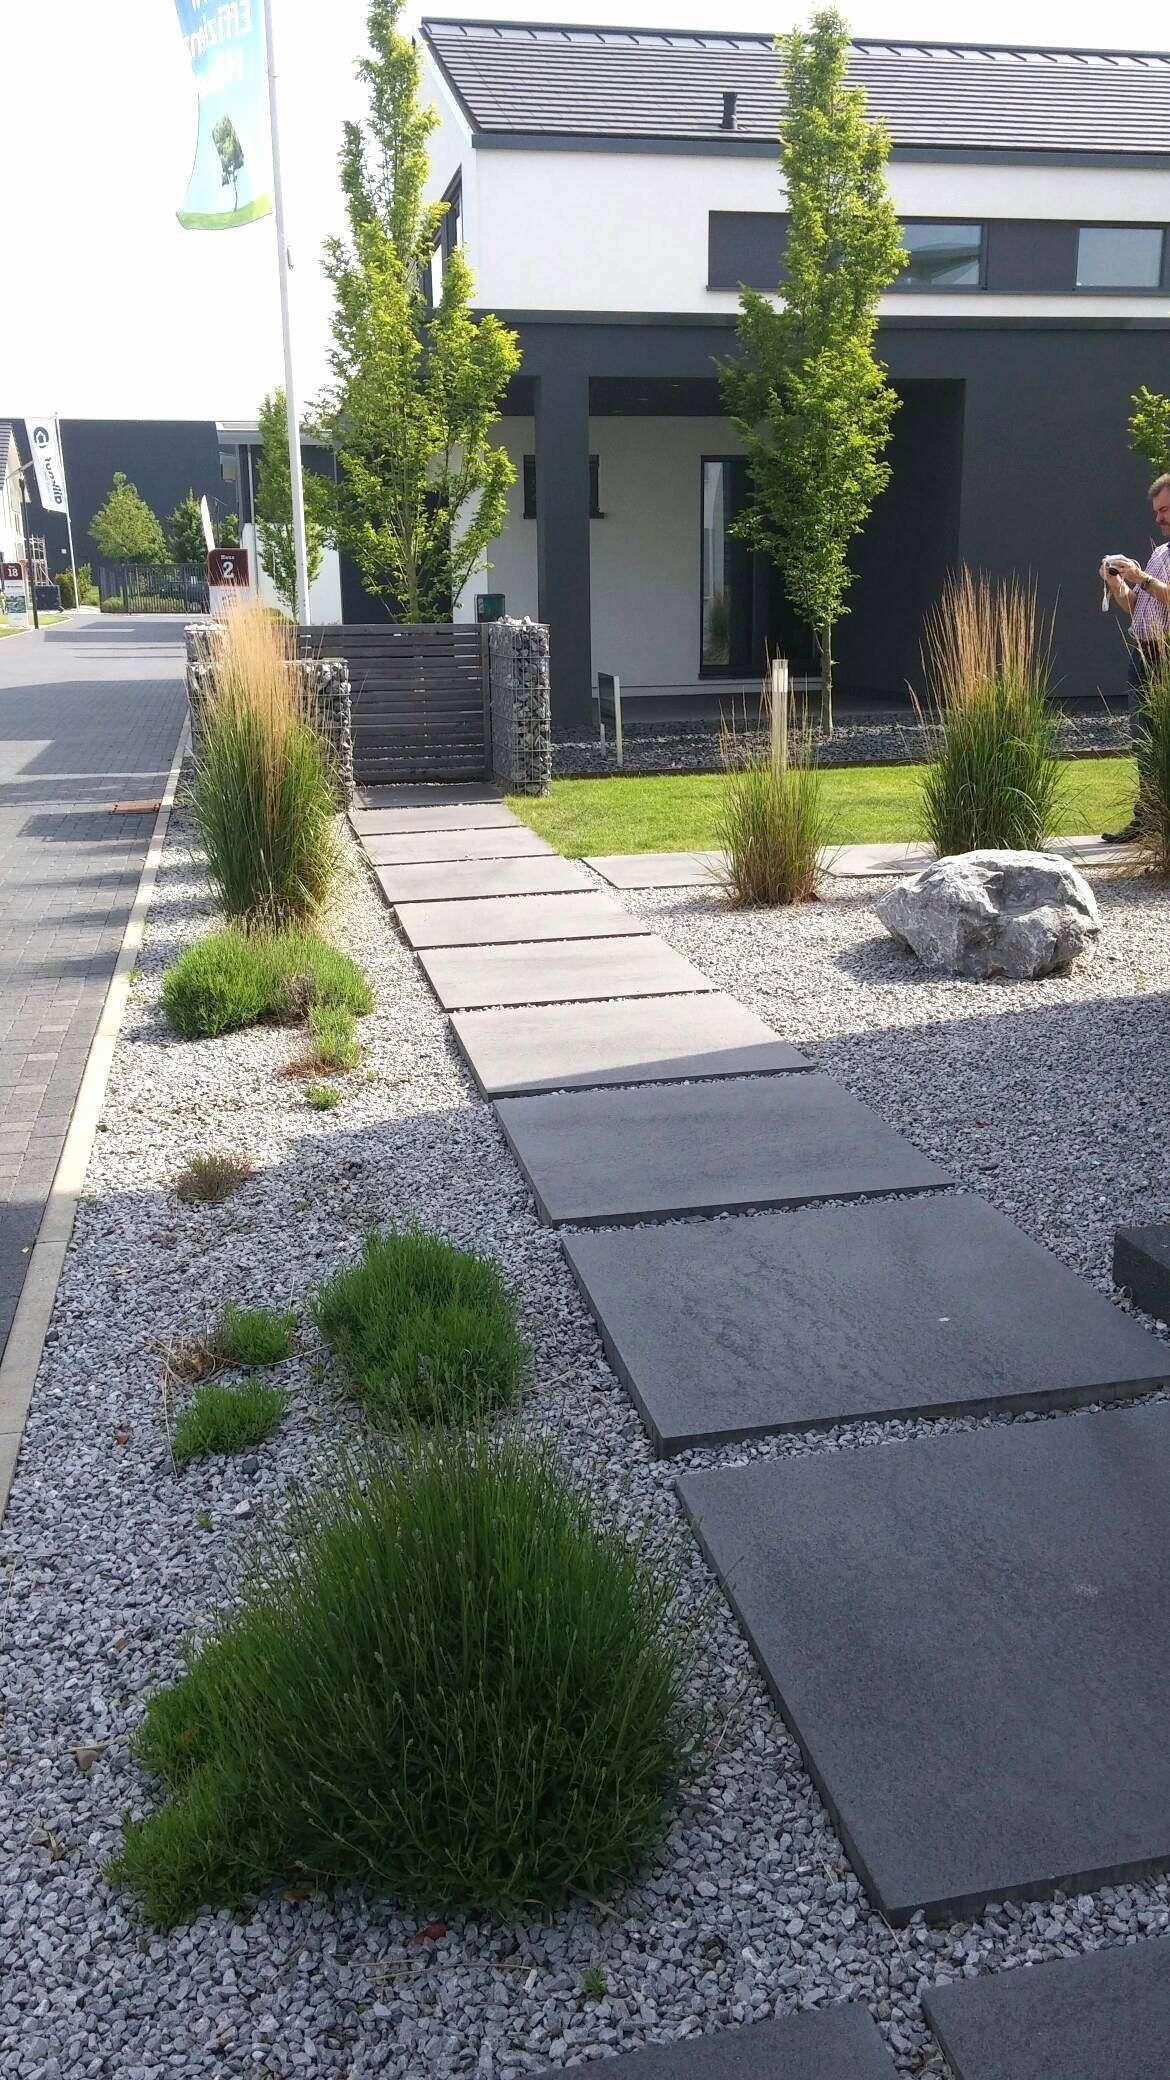 Vorgarten Deko Neu Garten Ideas Garten Anlegen Lovely Aussenleuchten Garten 0d